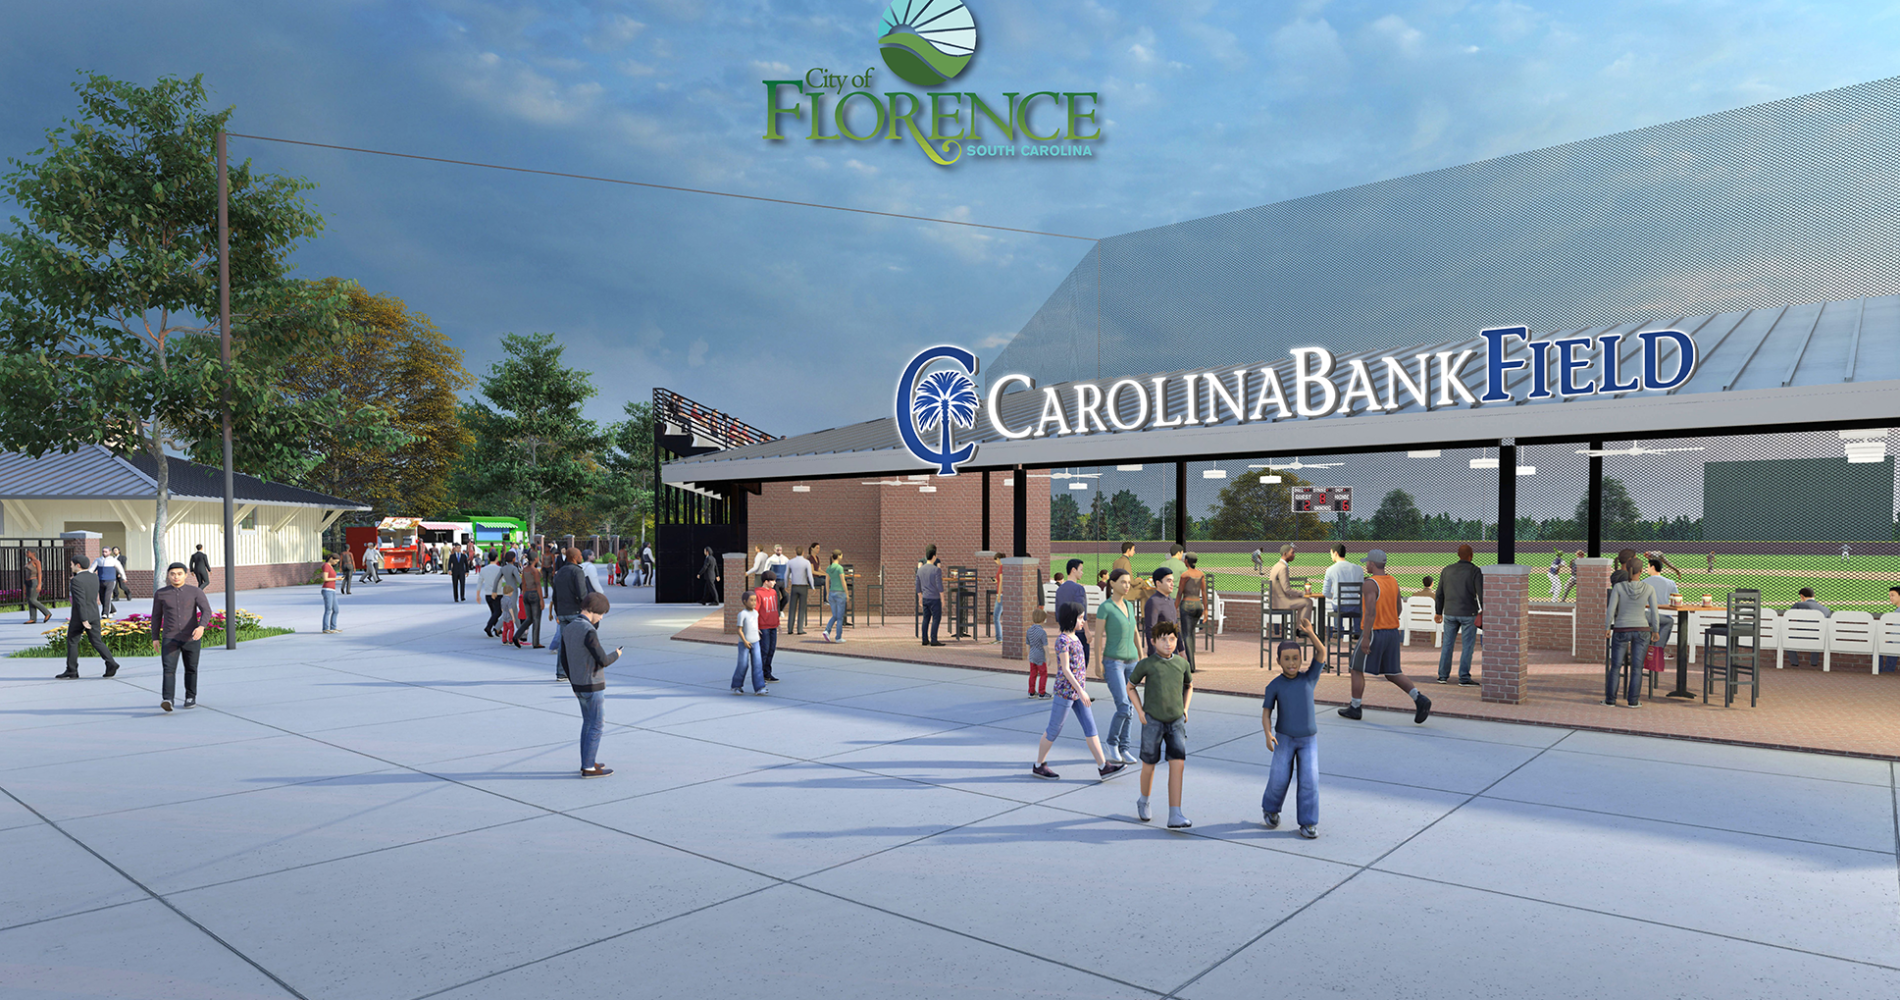 Flamingos announce Carolina Bank as new naming rights partner